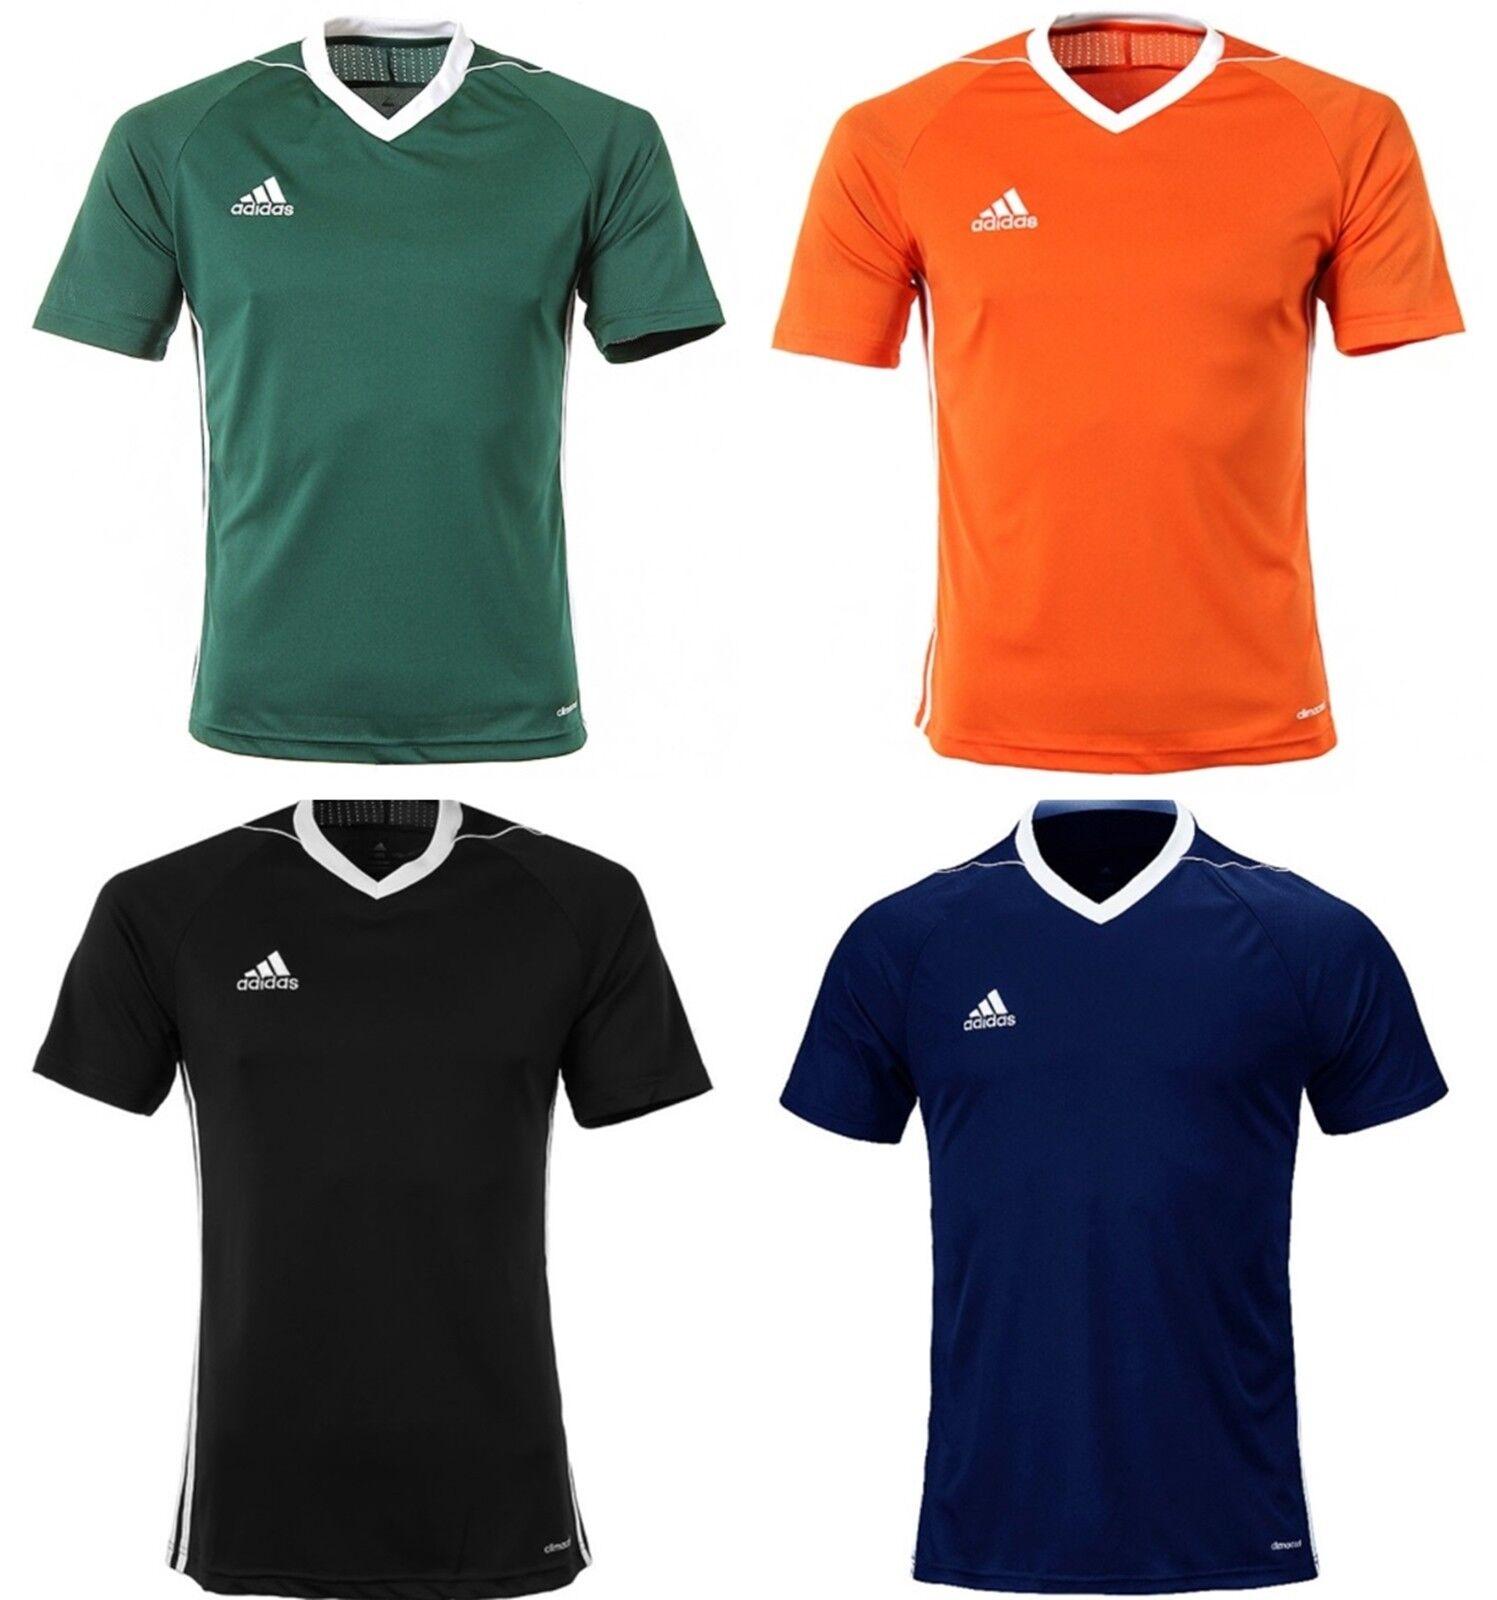 Adidas Youth Tiro 17 edzés foci Climacool 4 színek S / S gyerek pólók BJ9112